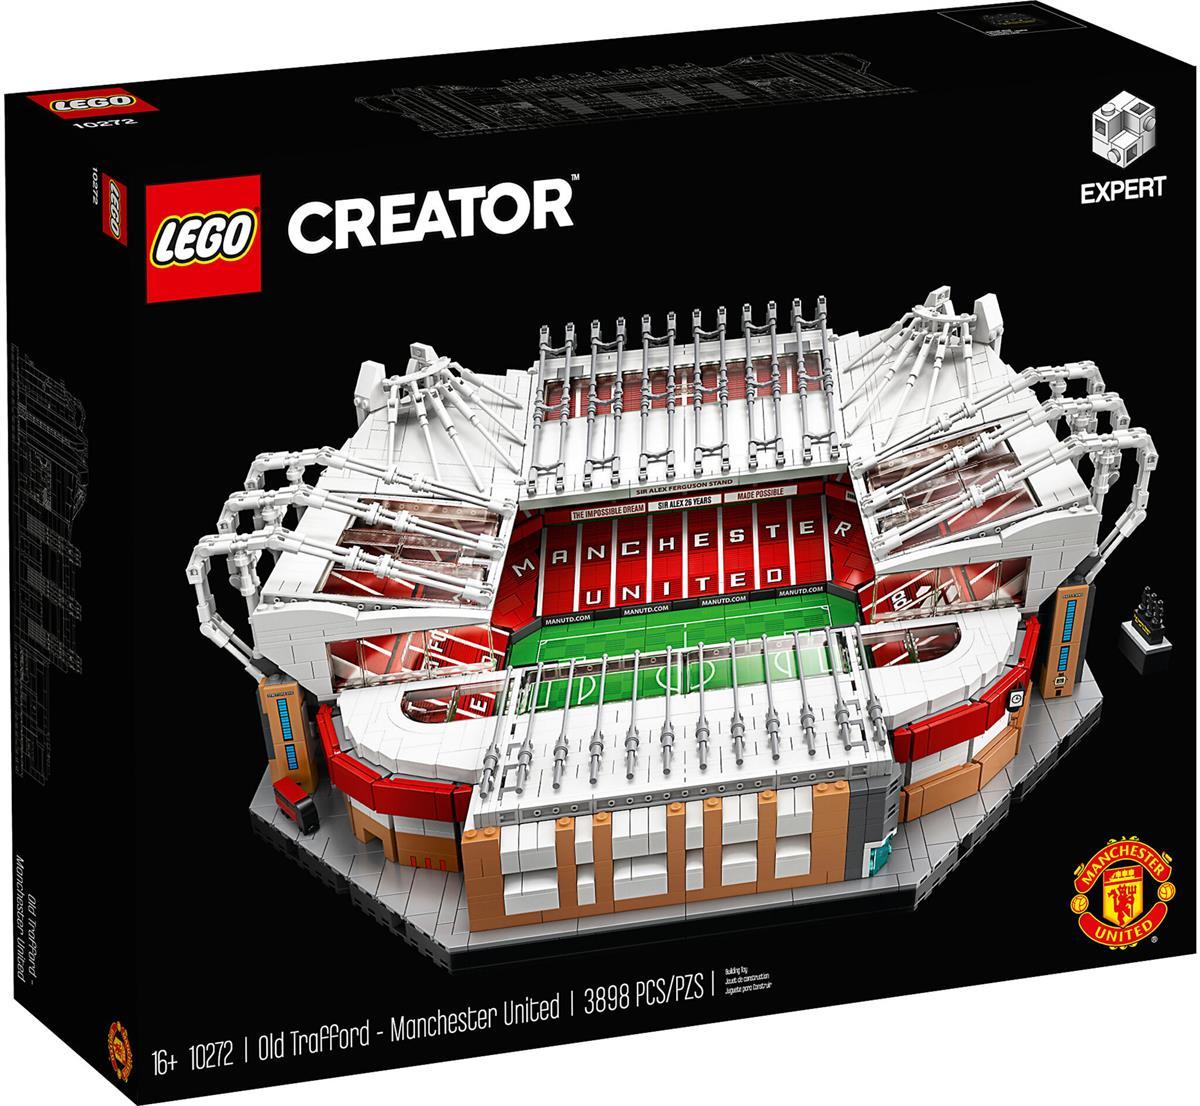 LEGO 10272 OLD TRAFFORD - MANCHESTER UNITED CREATOR